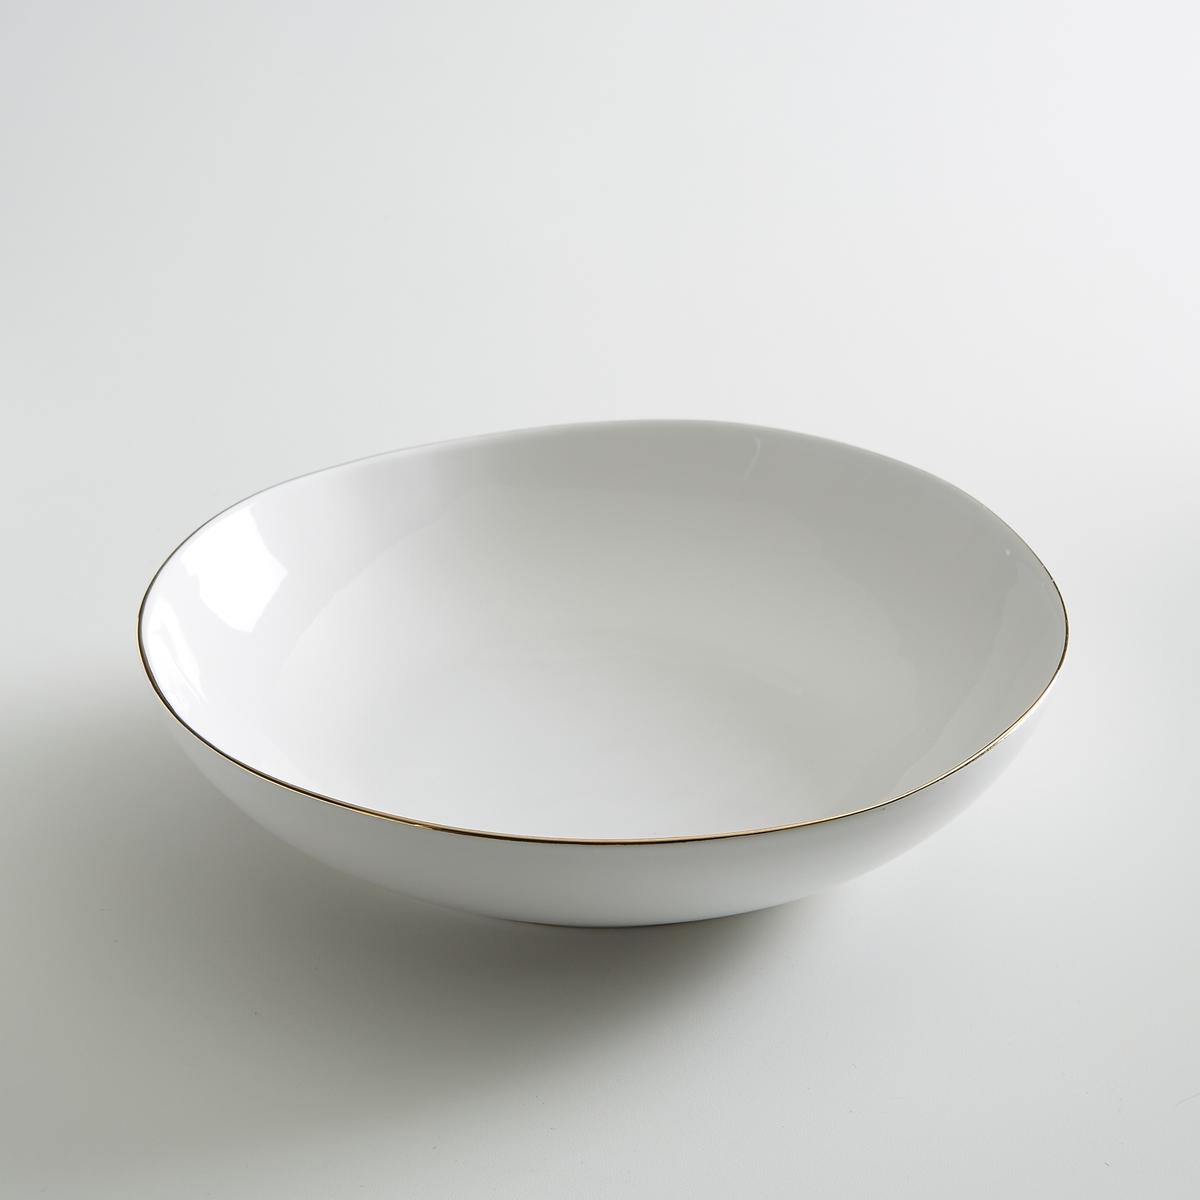 Комплект из 4 глубоких тарелок из фаянса, Catalpa4 суповые тарелки Catalpa. Из фаянса, покрытого белой глазурью, с тонкой каймой золотистого цвета. Органичная форма и неравномерные контуры придают этим тарелкам нотку оригинальности. Сделано в Португалии. - Размеры : ?22 x В4,2 см.<br><br>Цвет: золотисто-белый